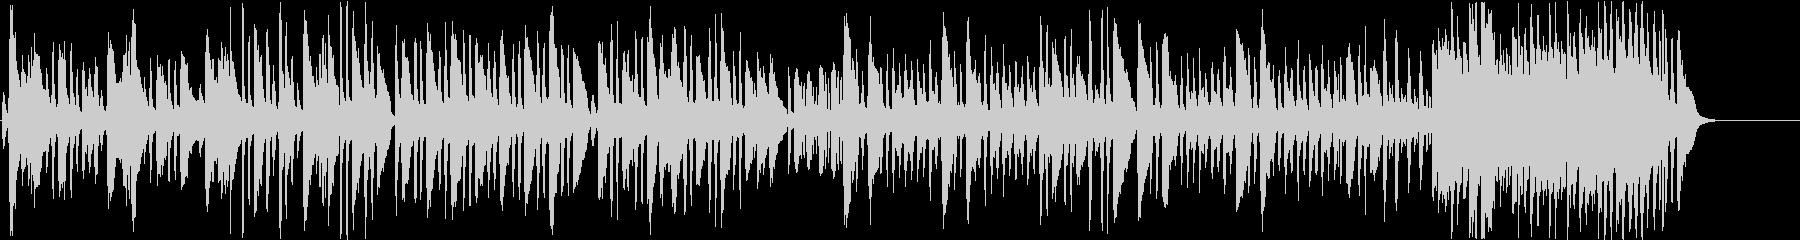 狩人の合唱のクラシック曲をヴァイオリンでの未再生の波形